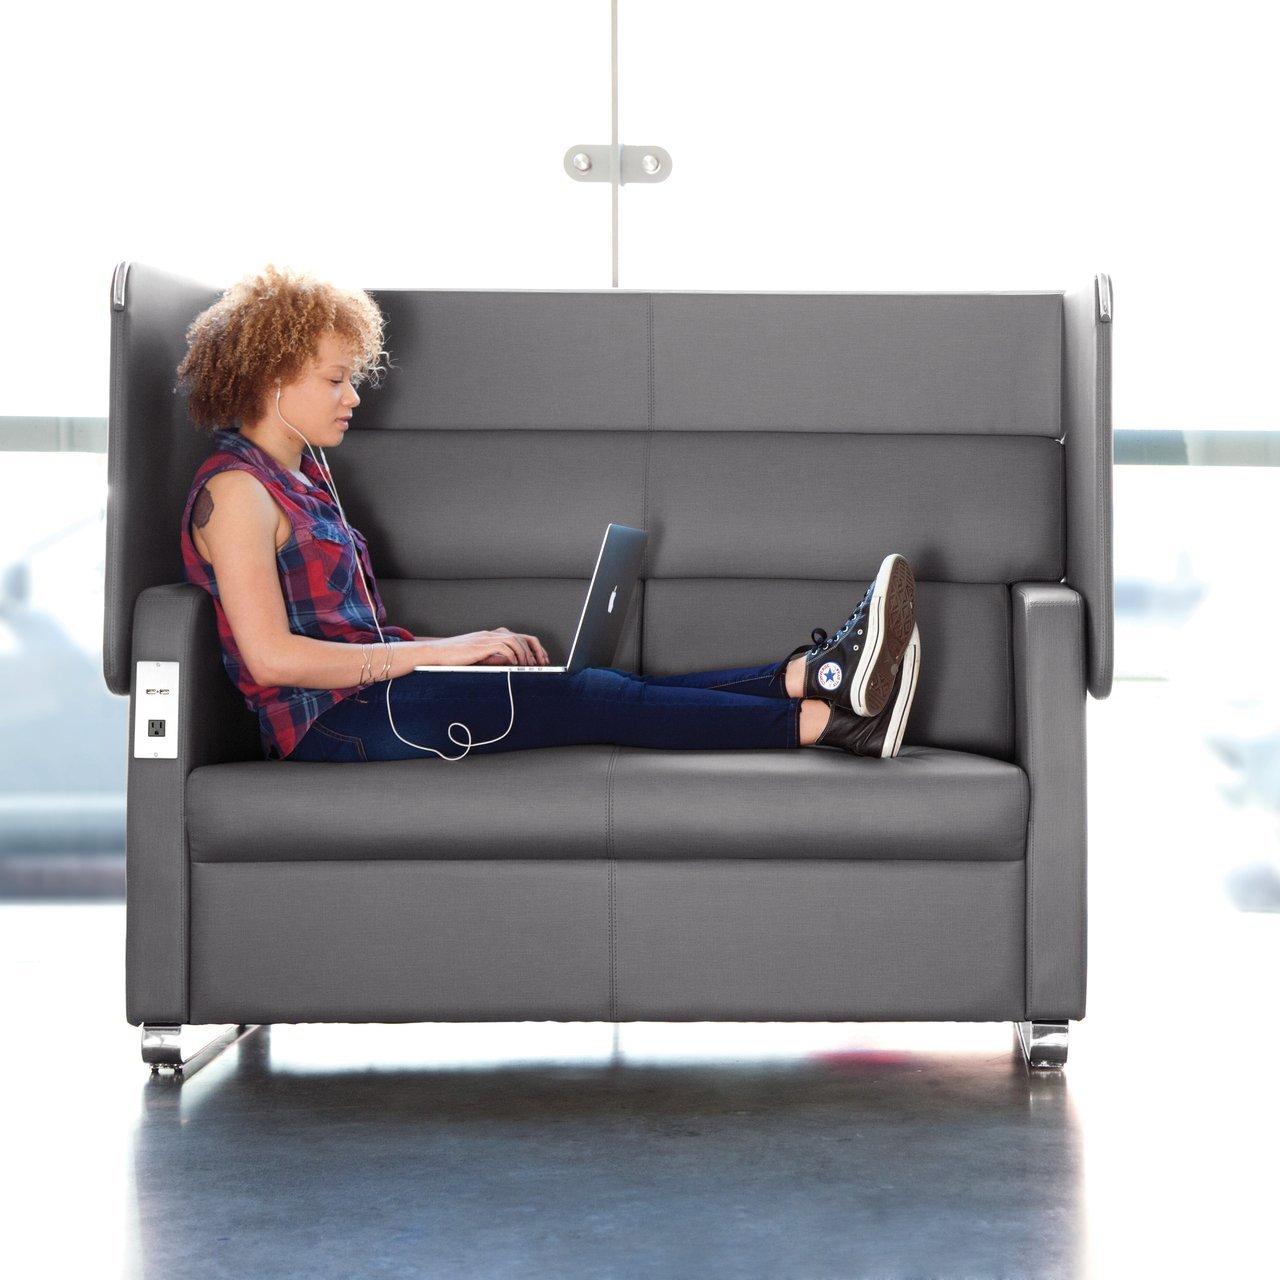 Morph Series Soft Seating Sofa